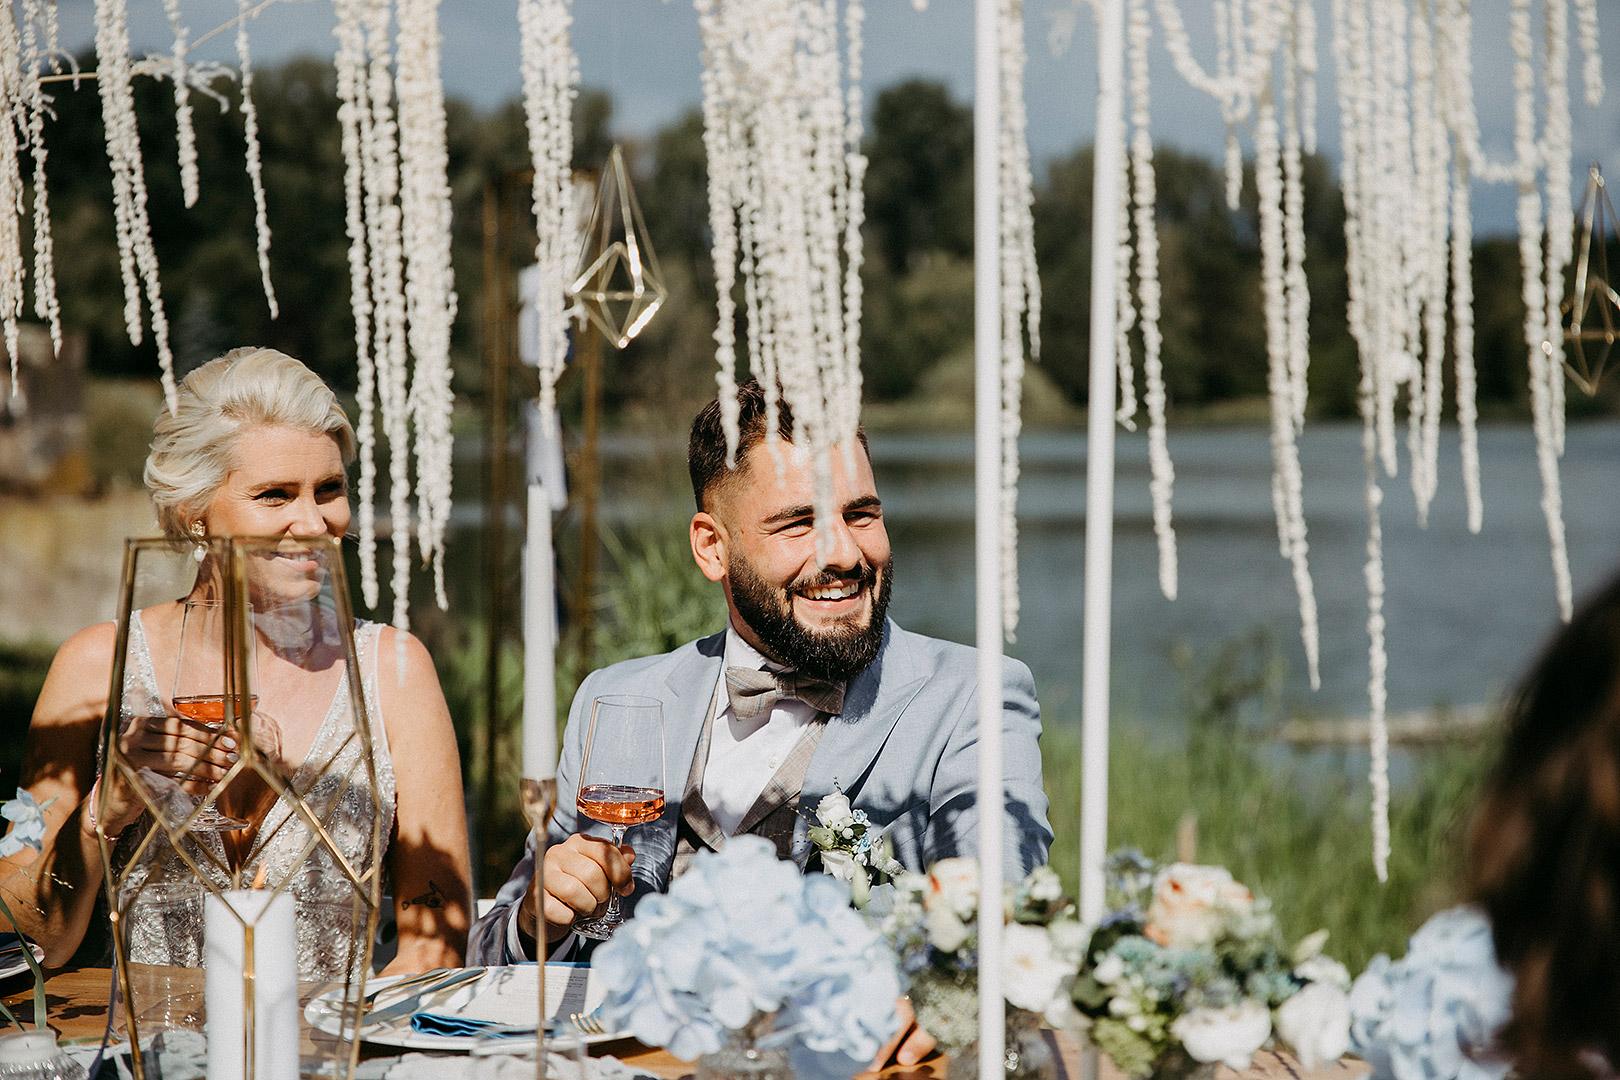 portrait_wedding_seeliebe_birkensee_44